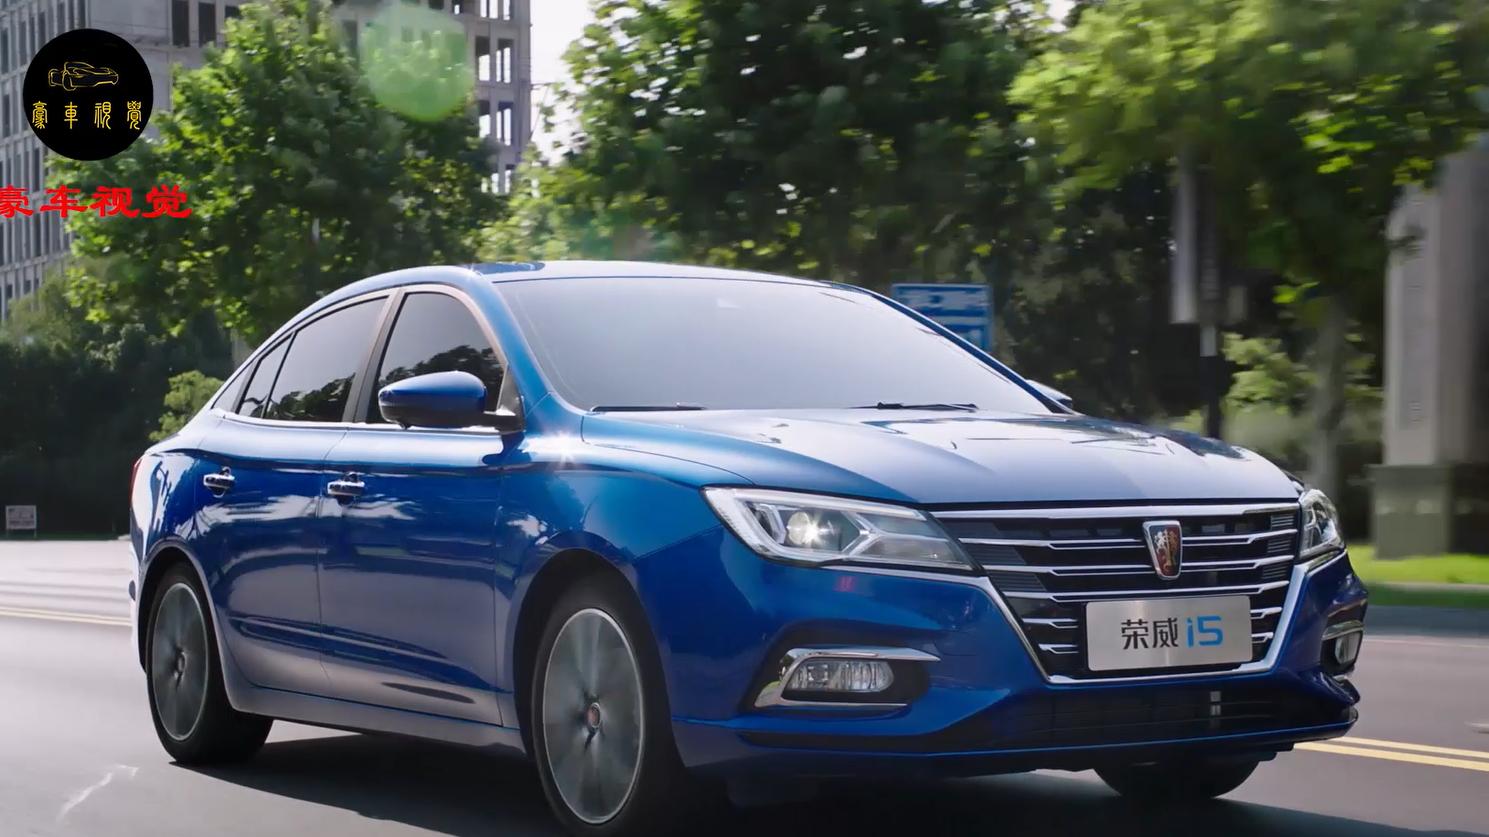 荣威A级家轿上市,起售价不足7万,还比卡罗拉更智能